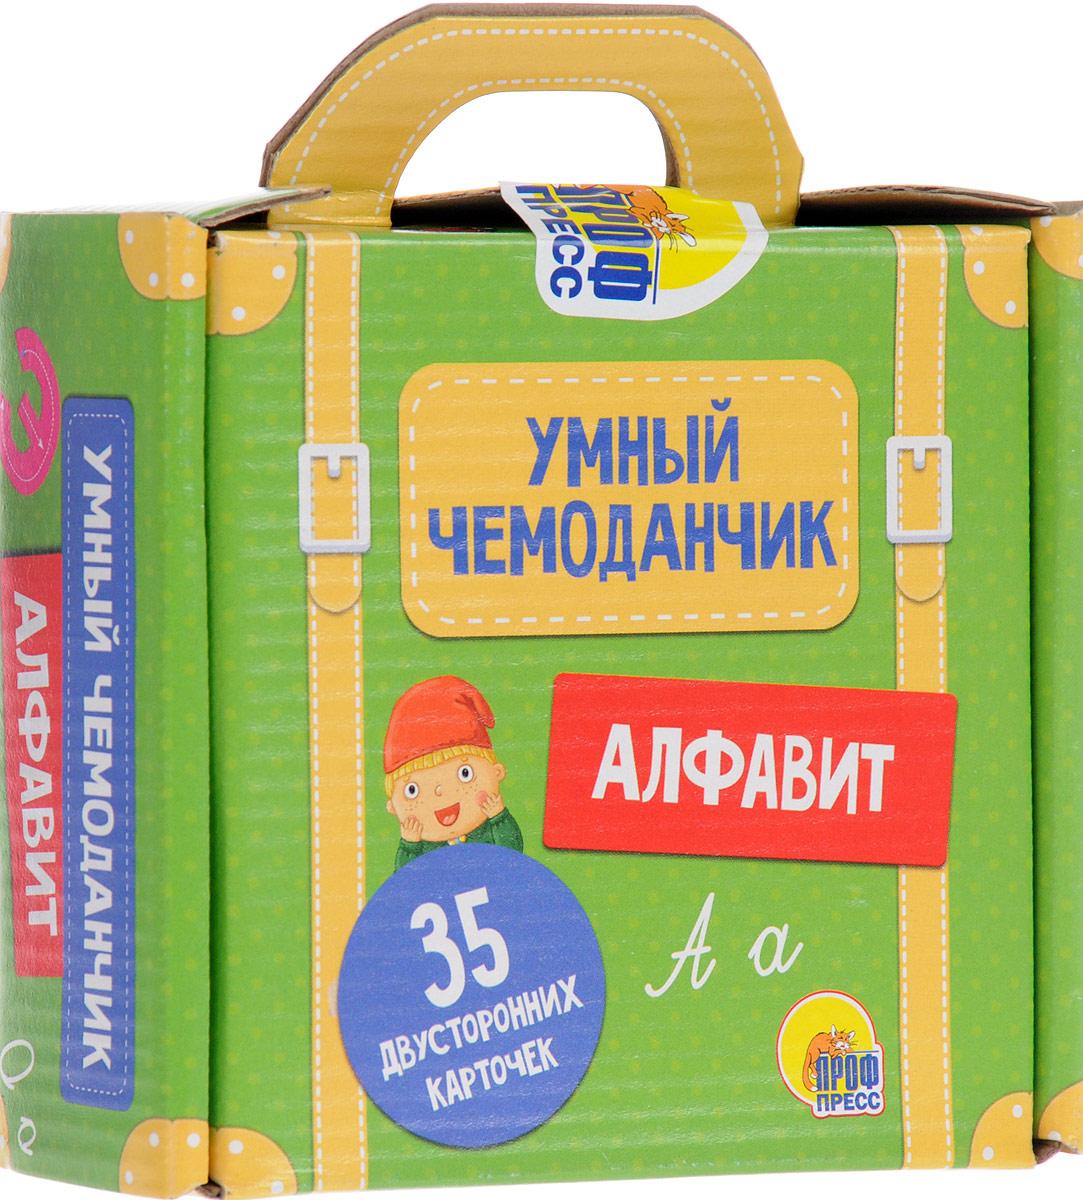 Проф-пресс Обучающие карточки Умный чемоданчик Алфавит weekend billiard company 58 001 02 0